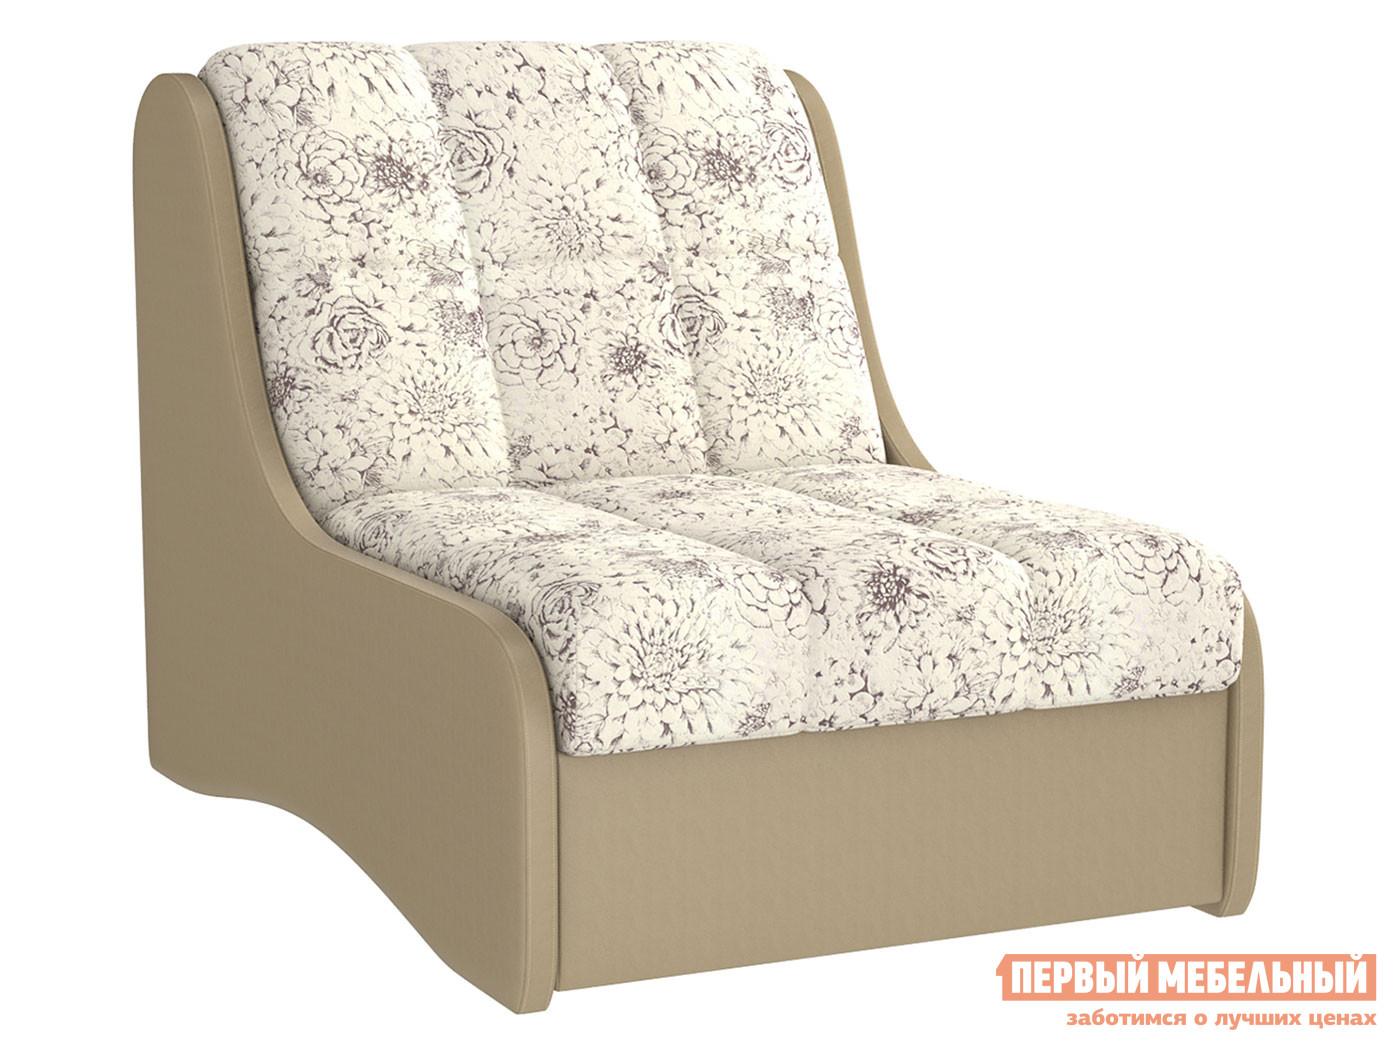 Кресло-кровать Первый Мебельный Токио Люкс кресло кровать первый мебельный марио люкс